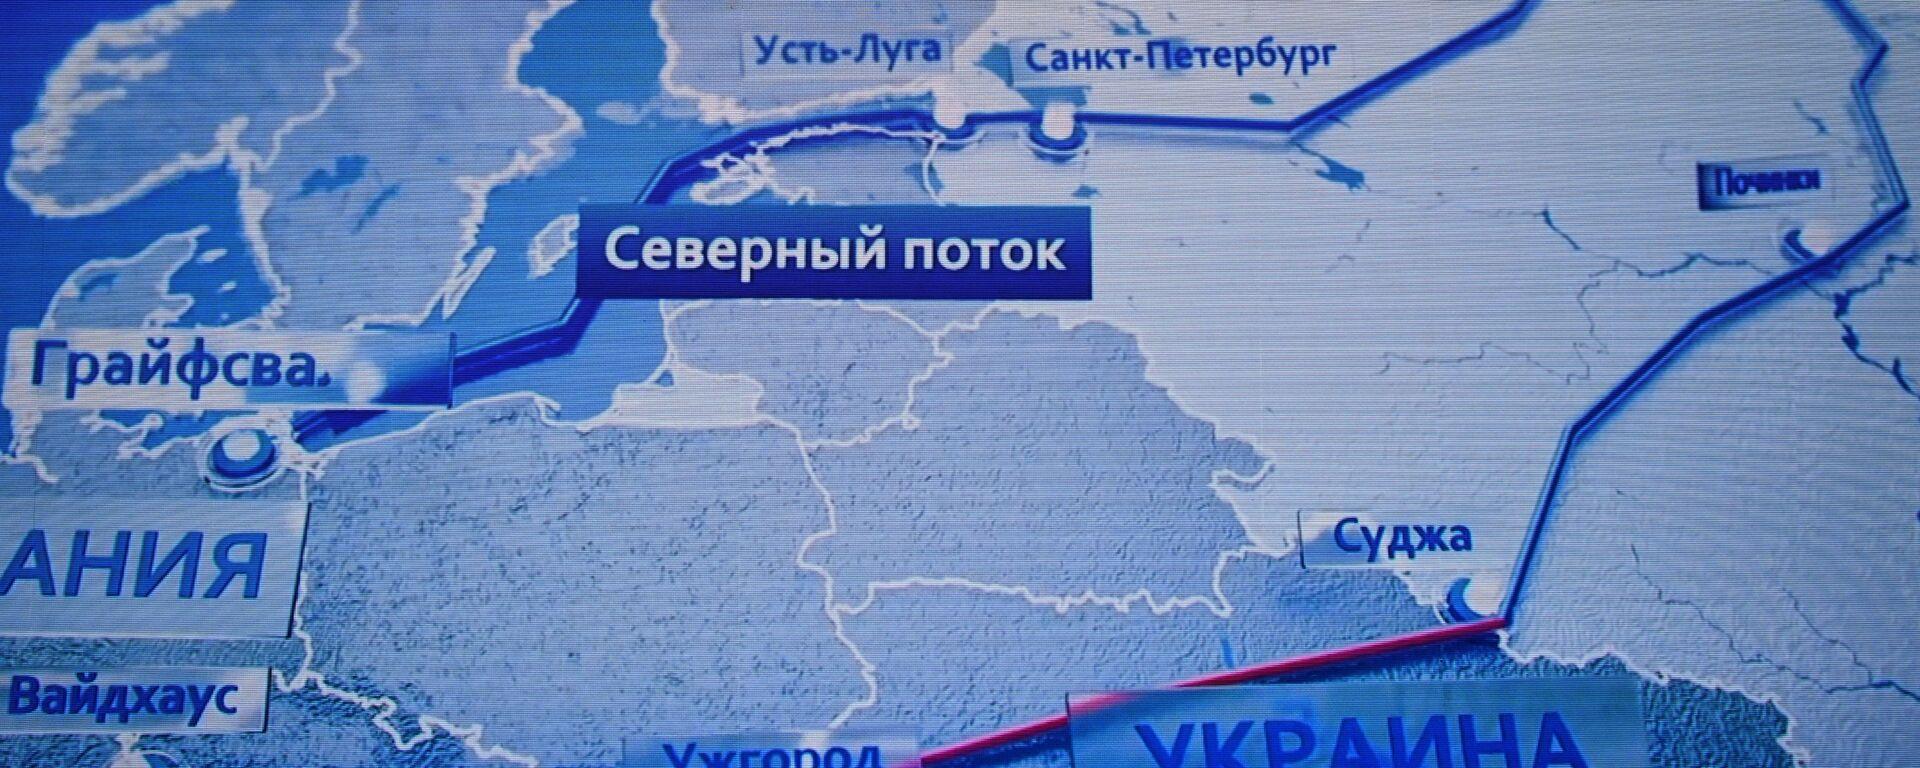 Мапа руских магистралних гасовода - Sputnik Србија, 1920, 21.07.2021